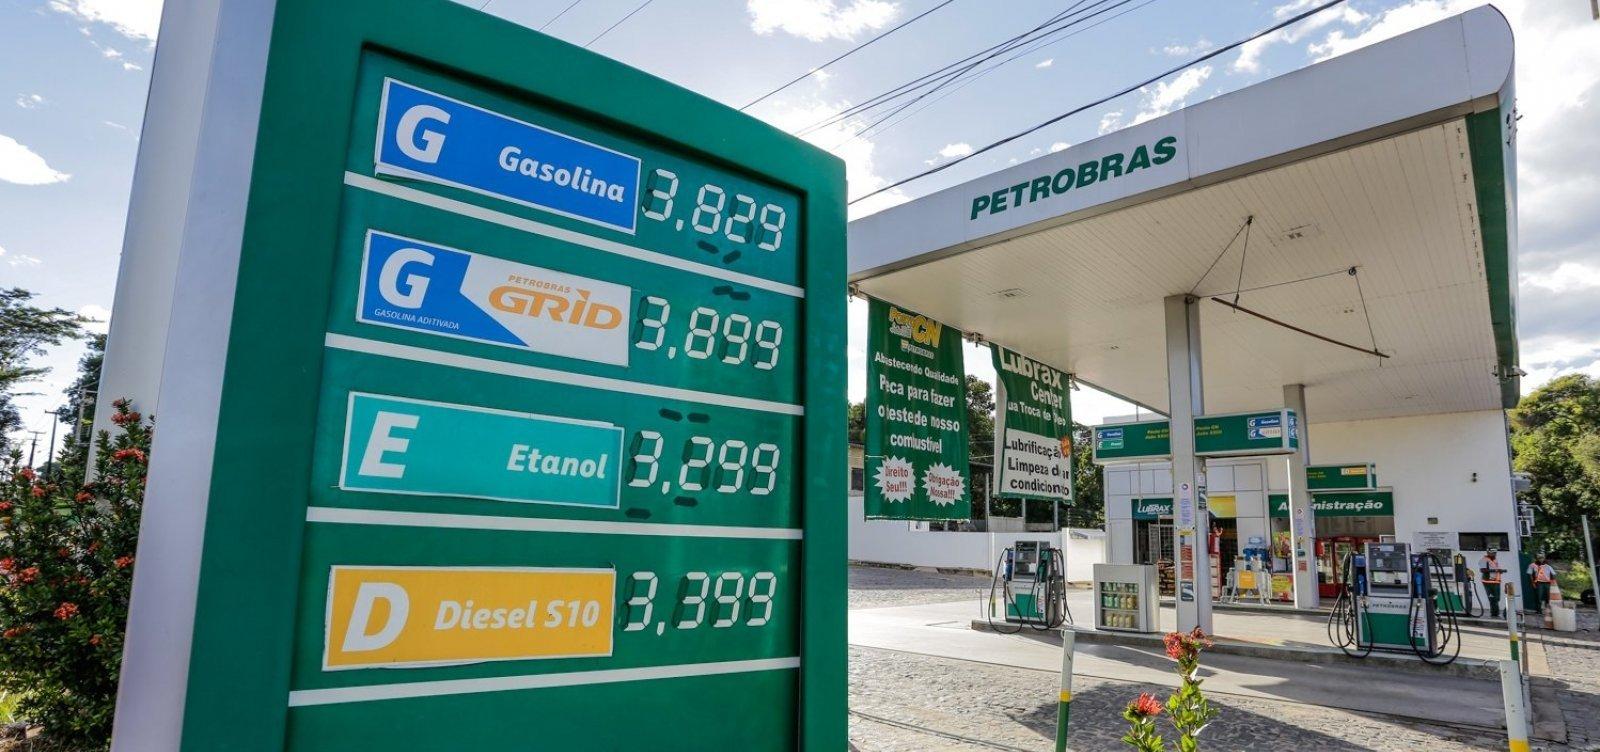 [Preços de gasolina e diesel sobem nas refinarias a partir desta sexta]